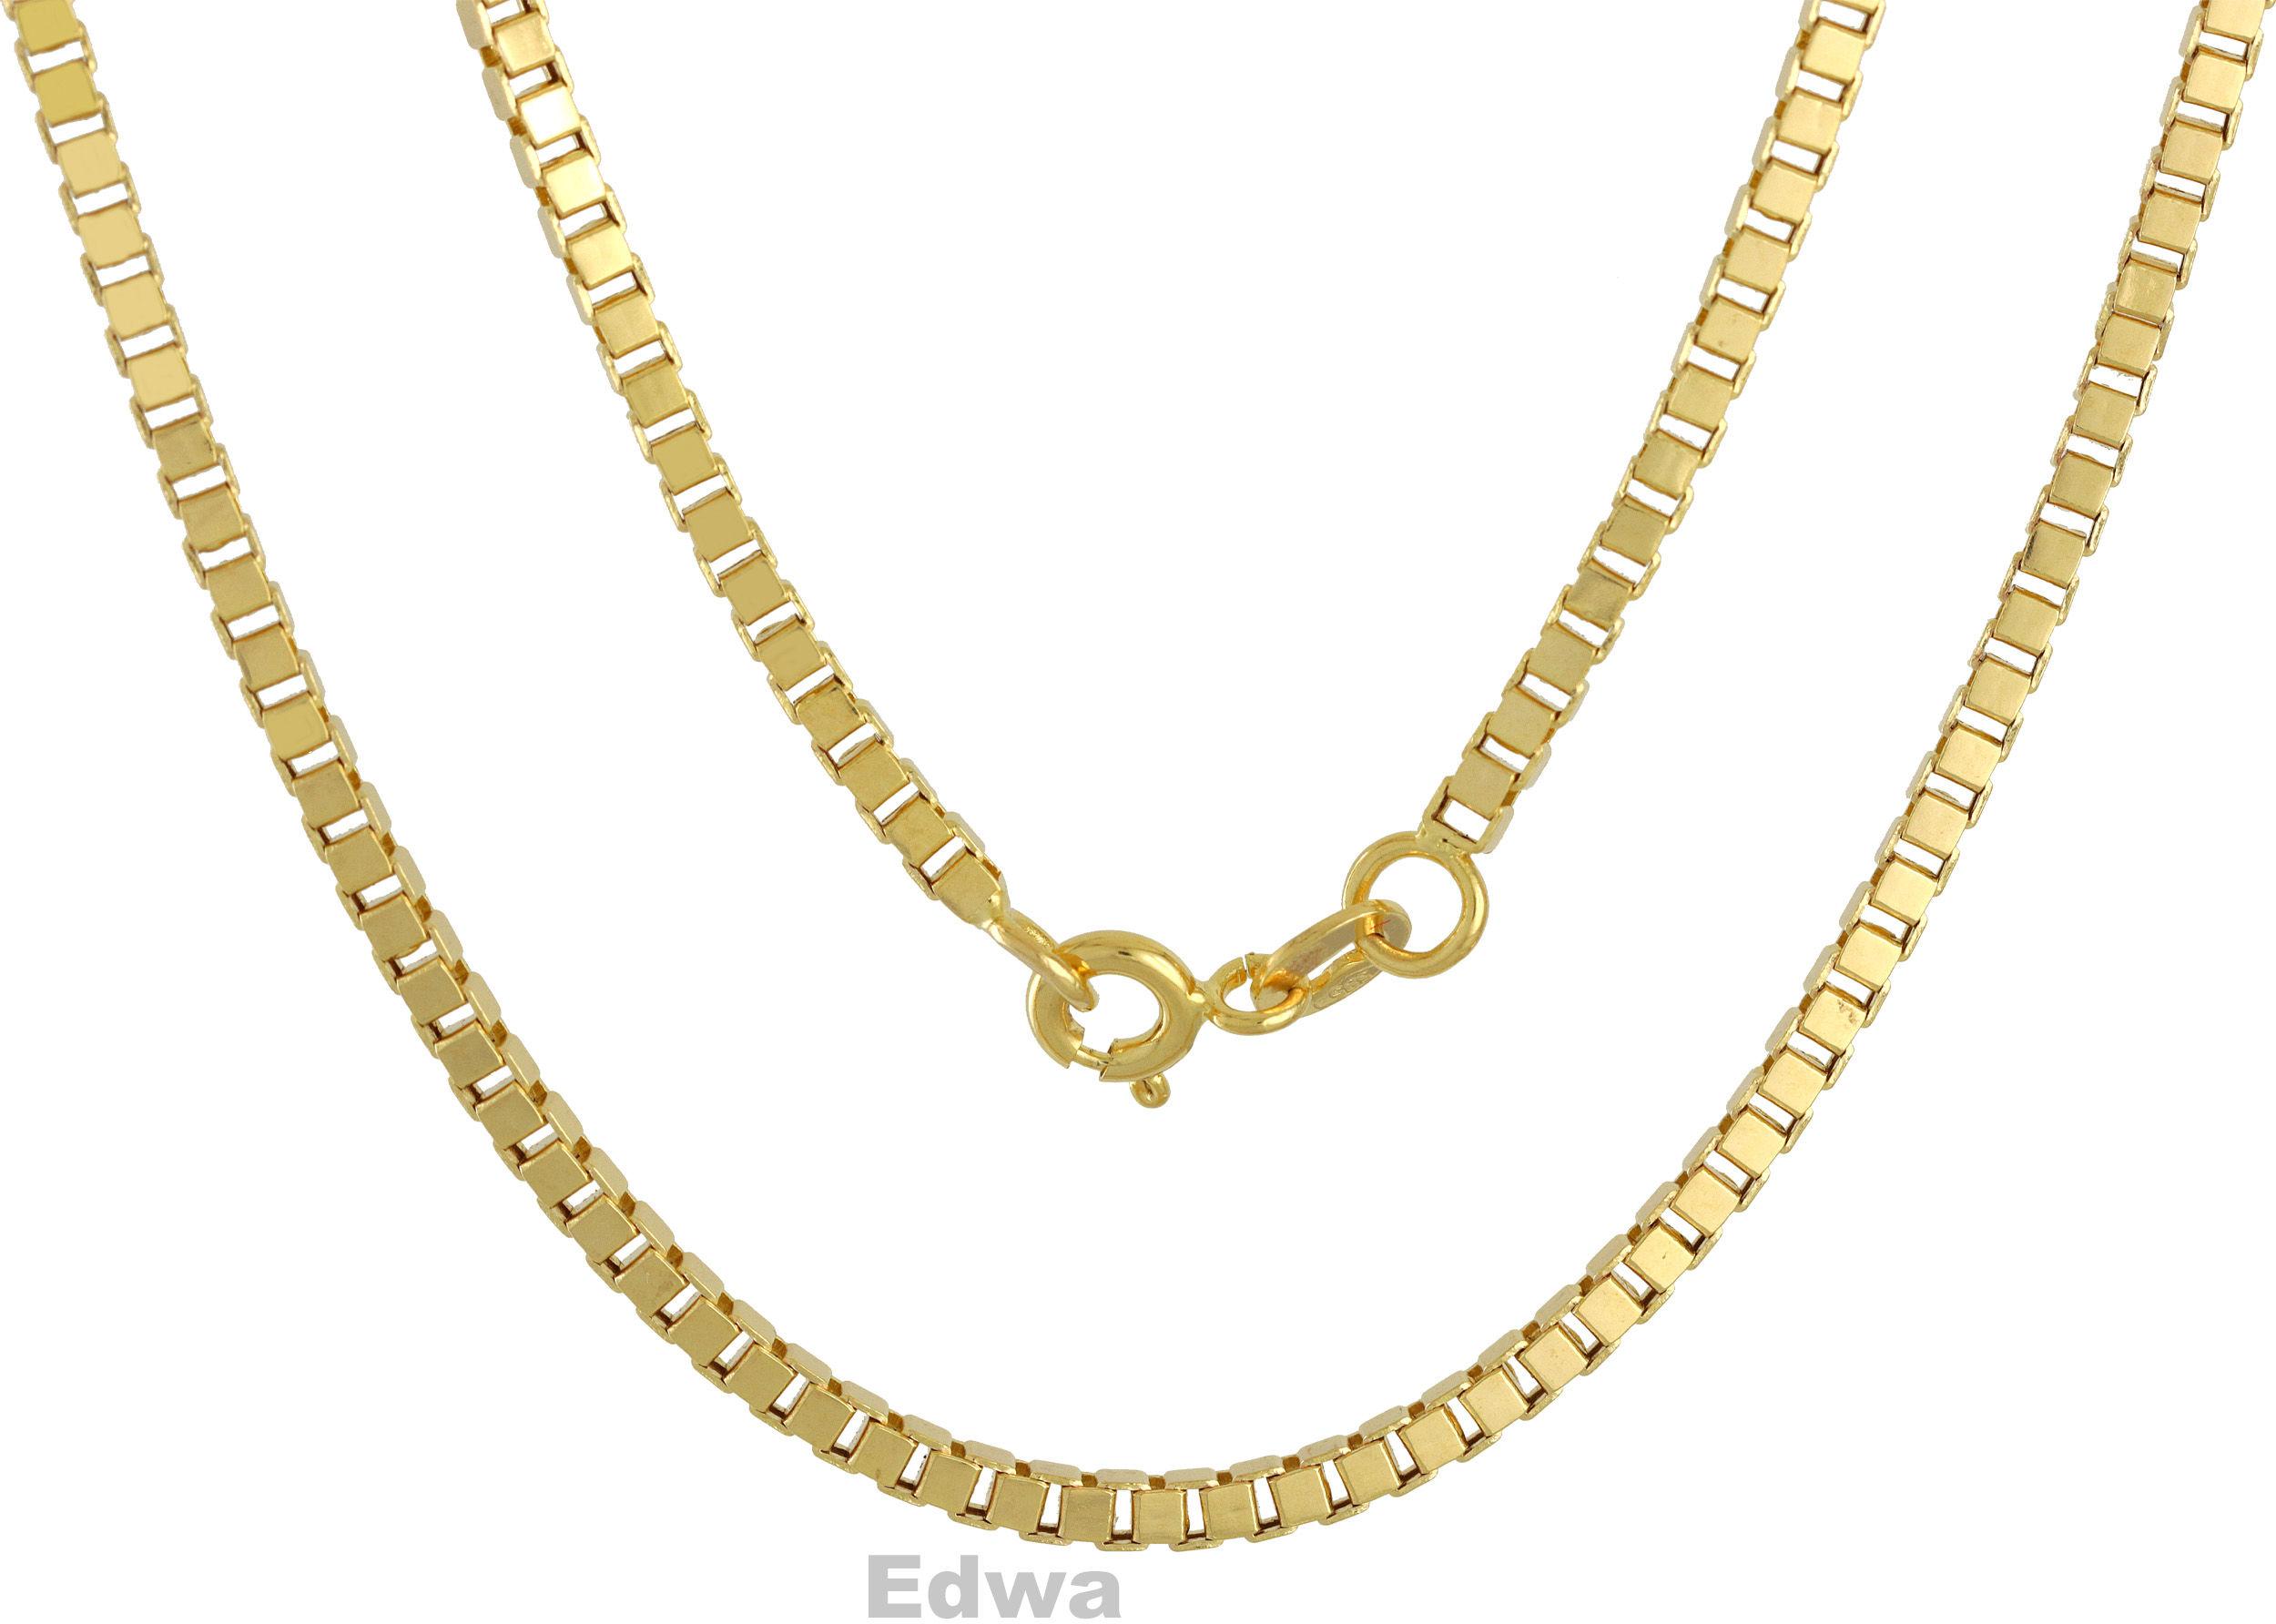 Łańcuszek złoty kostka pr.585. 55 cm